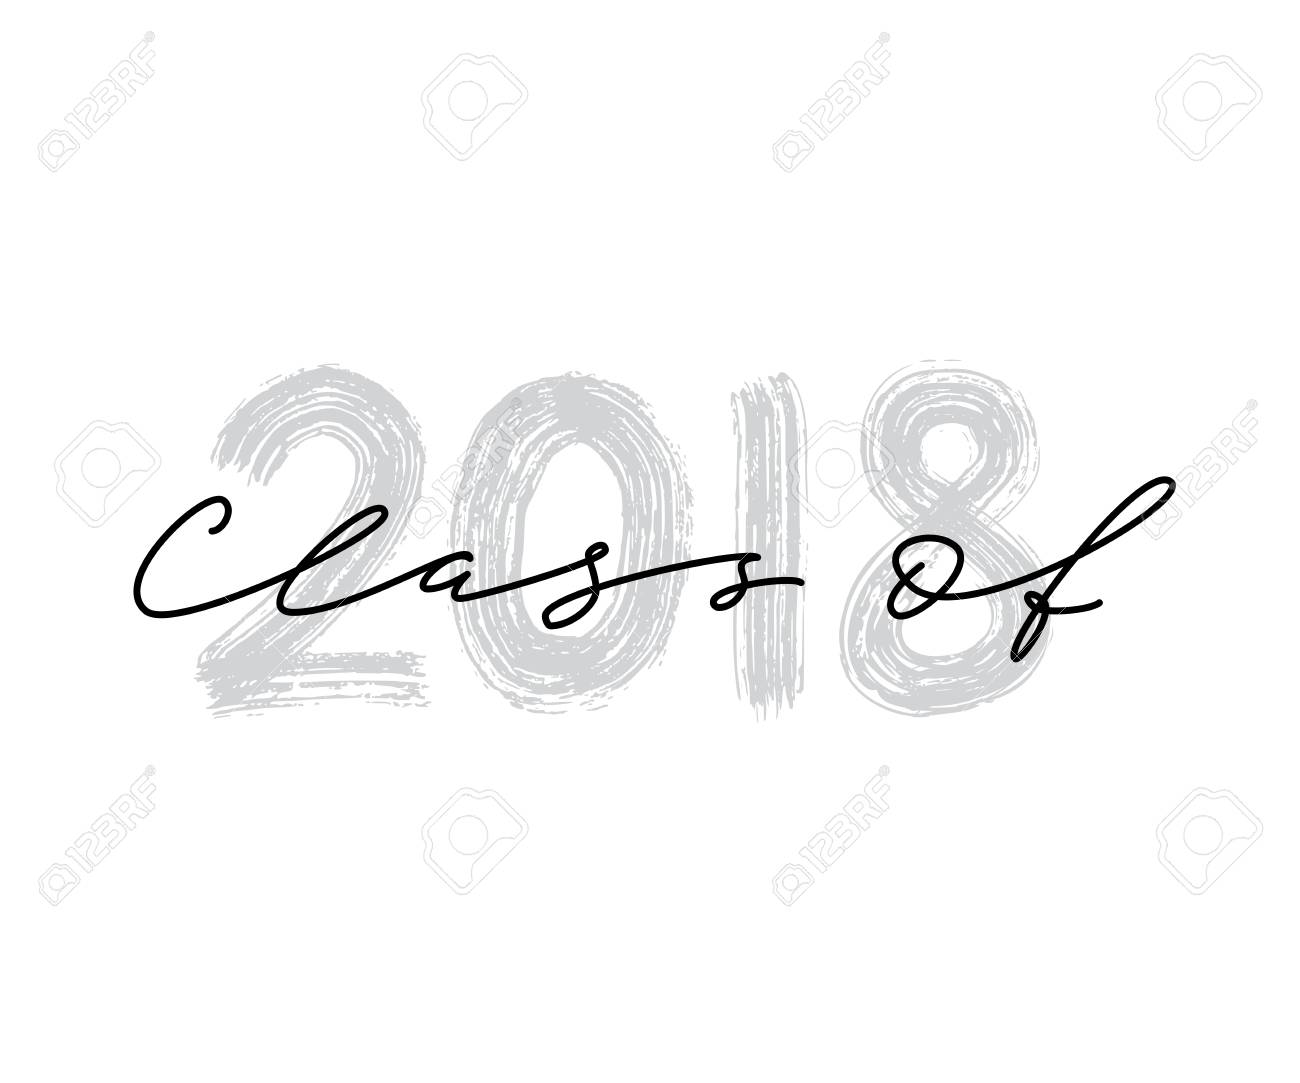 Clase De 2018. Letras De Pincel Dibujado A Mano Logotipo De ...